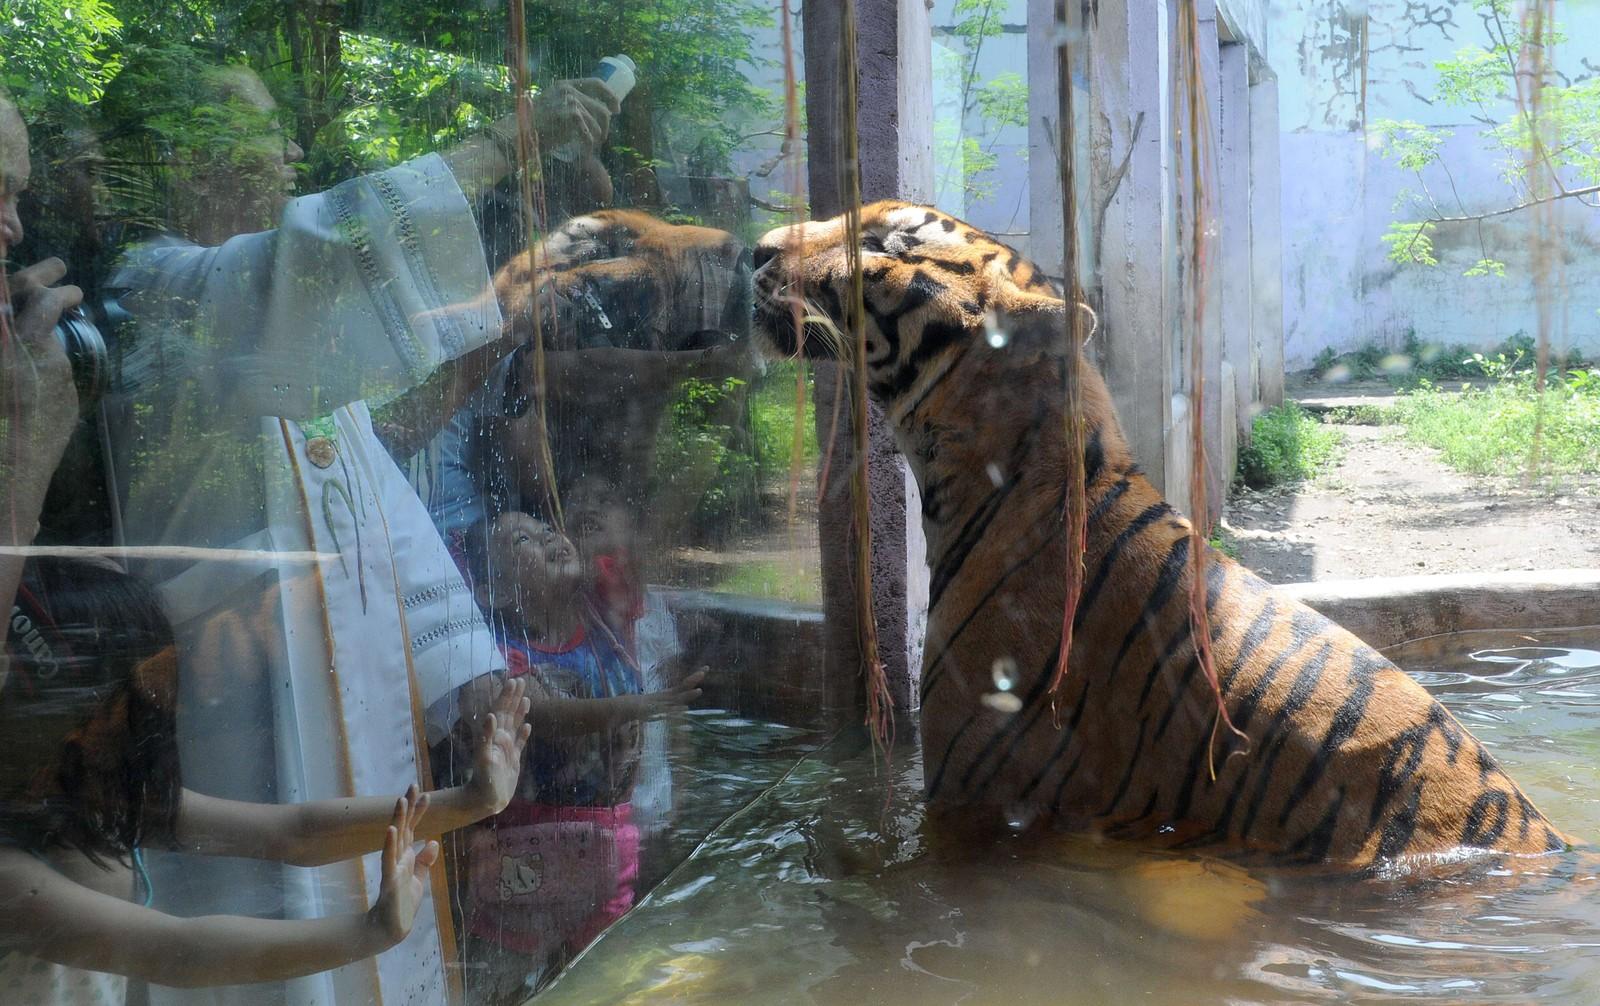 En katolsk prest velsigner en tiger med hellig vann i dyrehagen Malabon Zoo i Manila i forbindelse med verdens dyredag. Tradisjonen ble startet i Firenze i Italia i 1931 for å øke oppmerksomheten rundt utrydningstruede dyrearter.